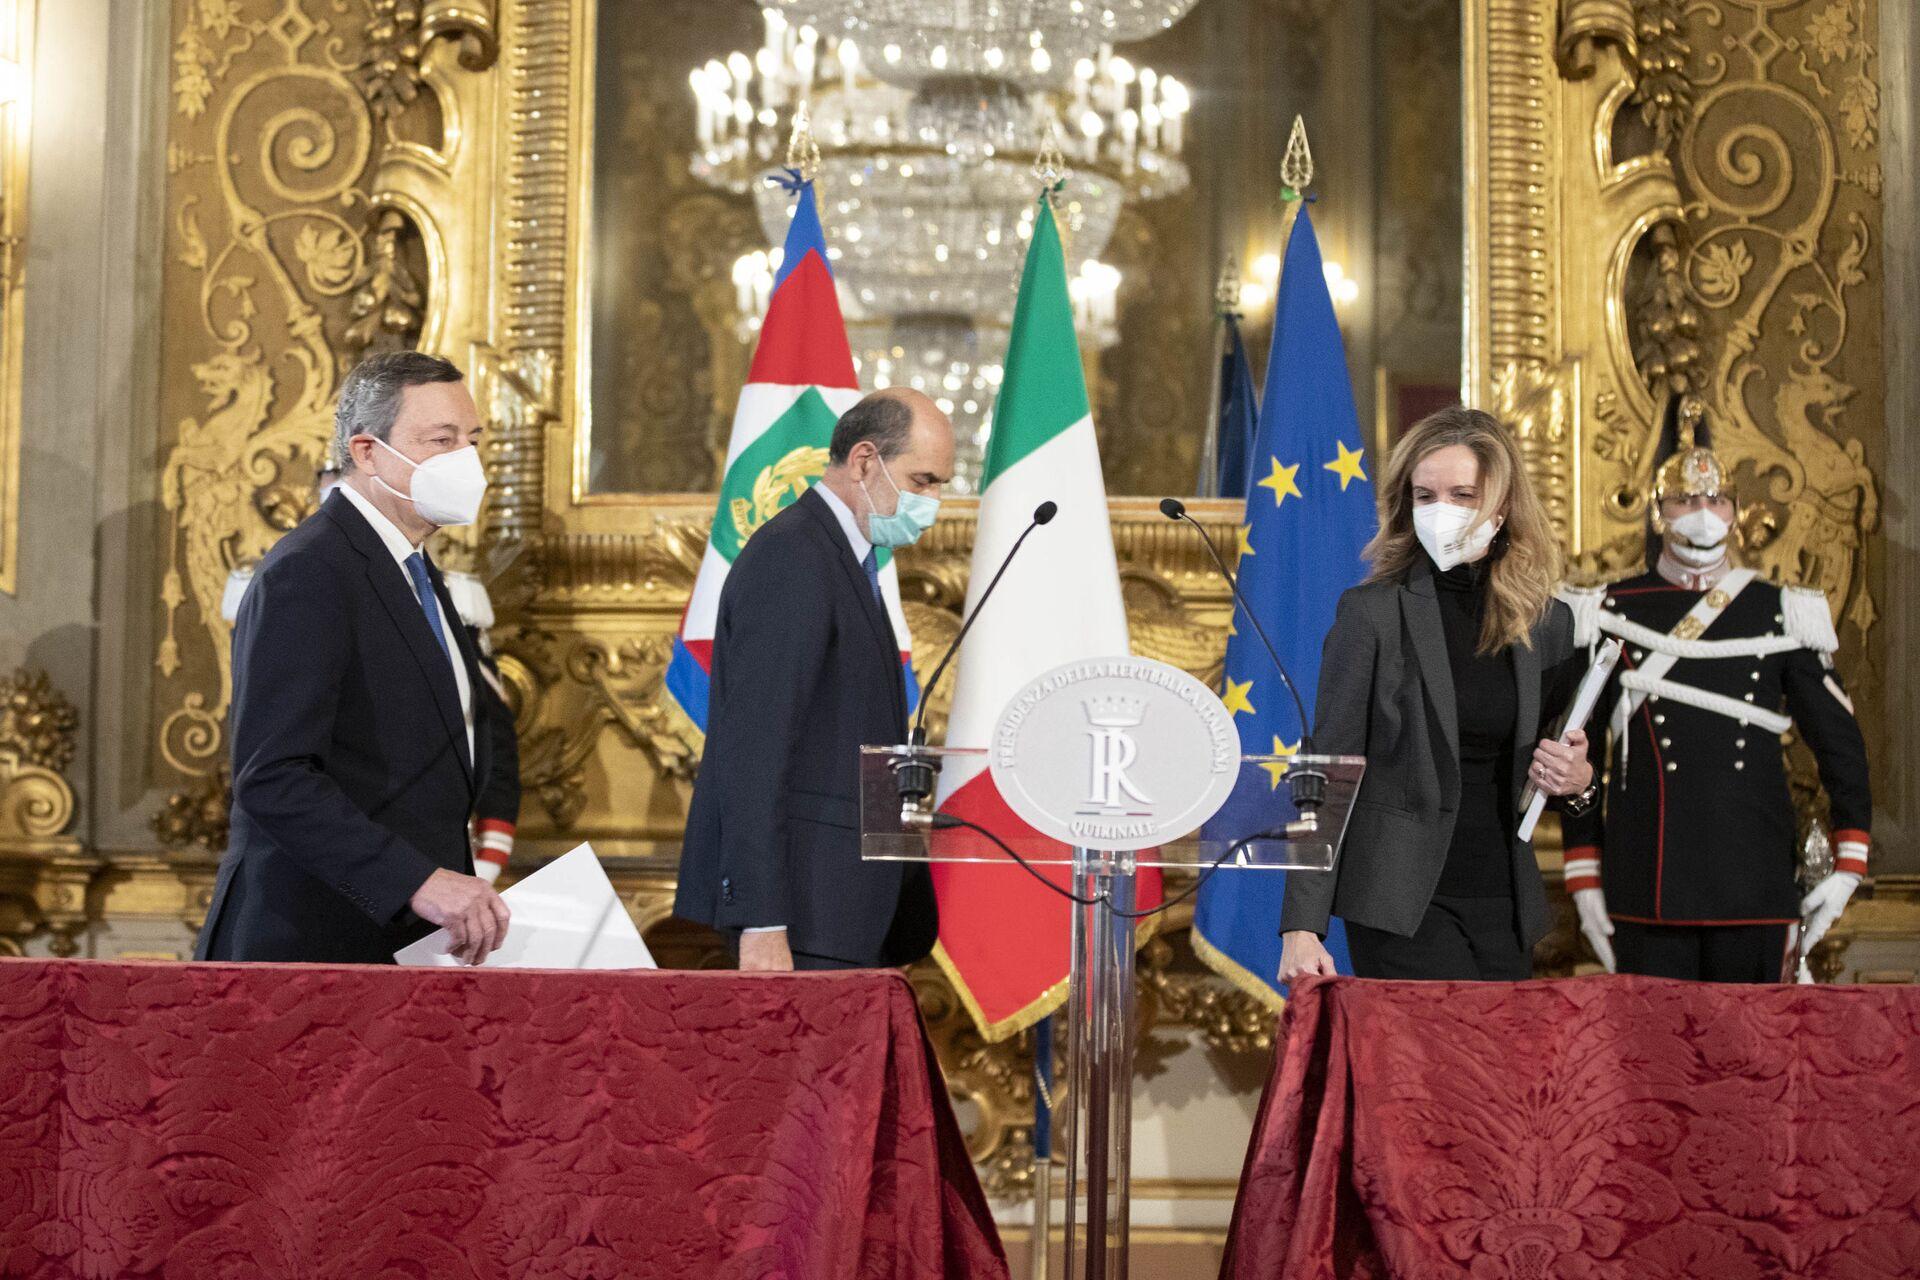 Governo Draghi, Salvini auspica concretezza: Lasciamo stare le ideologie - Sputnik Italia, 1920, 12.02.2021